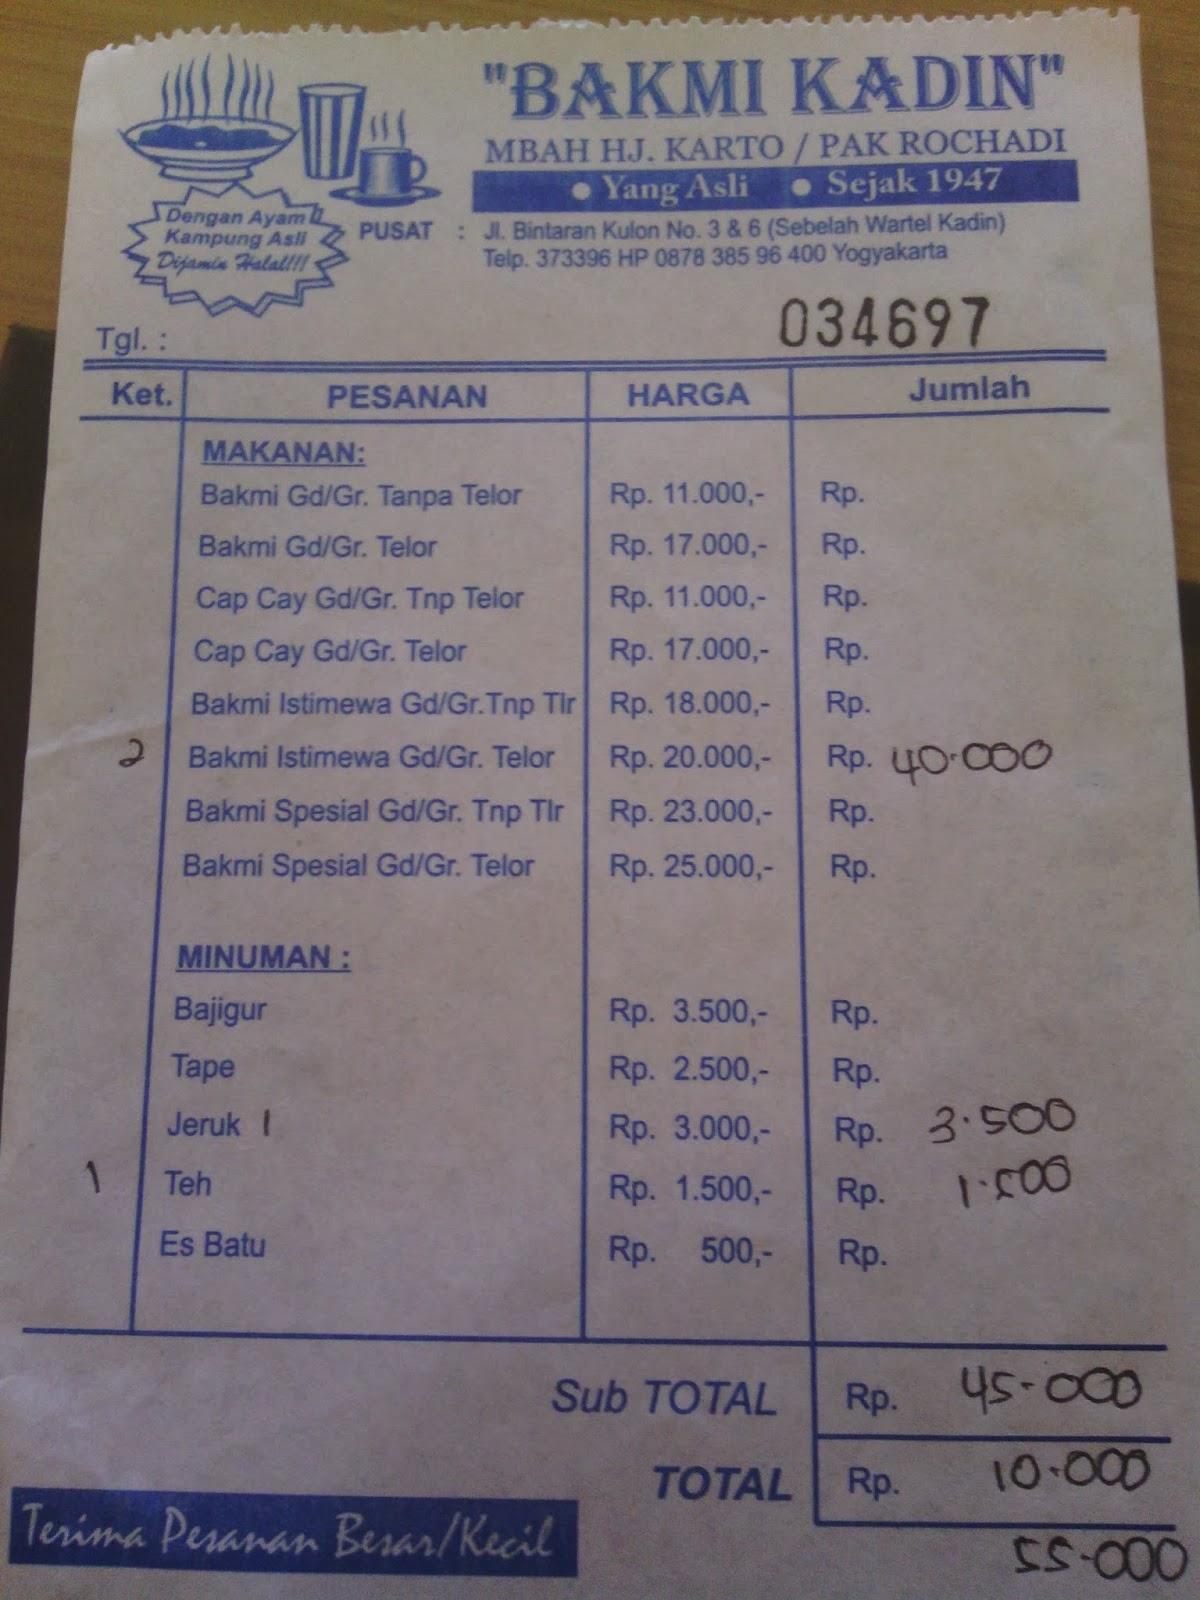 Harga menu masakan di Bakmi Kadin Yogyakarta